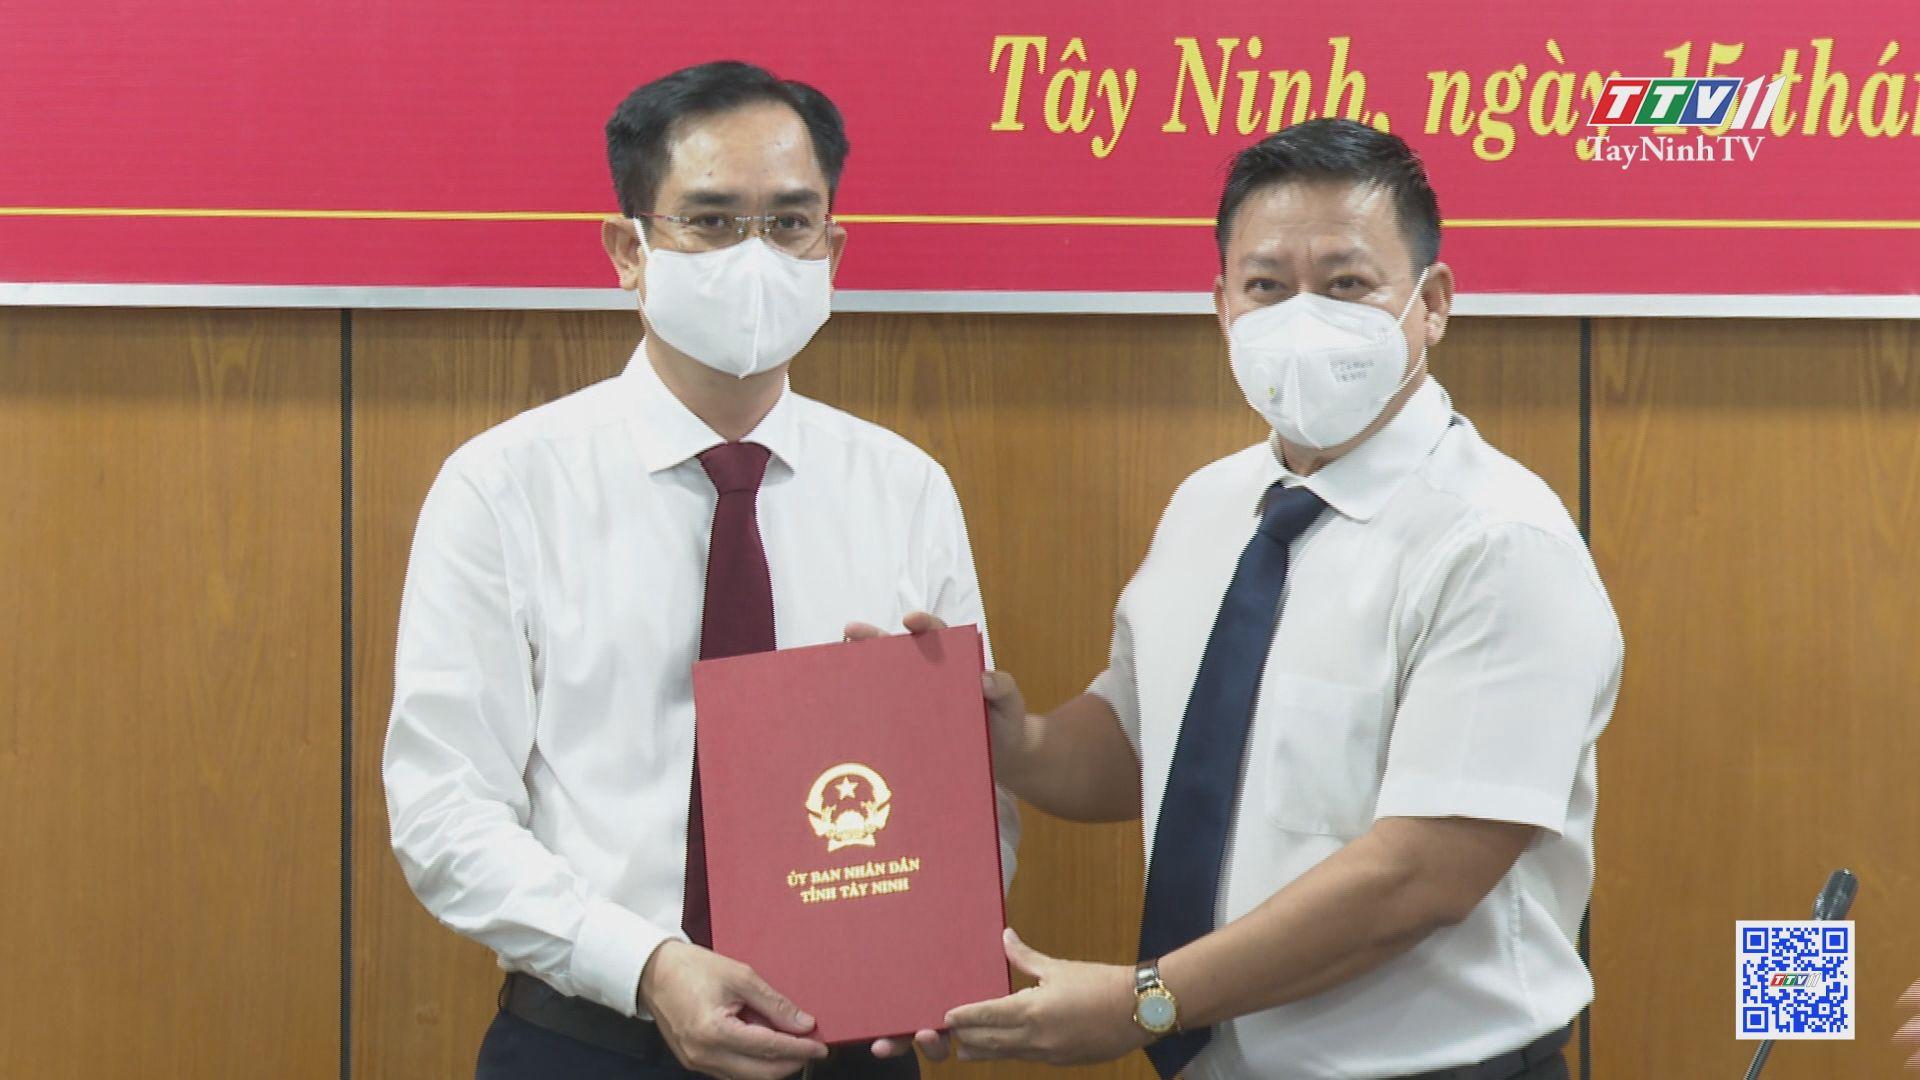 Bổ nhiệm Chánh Văn phòng UBND tỉnh Tây Ninh | NHÂN SỰ MỚI | TayNinhTV